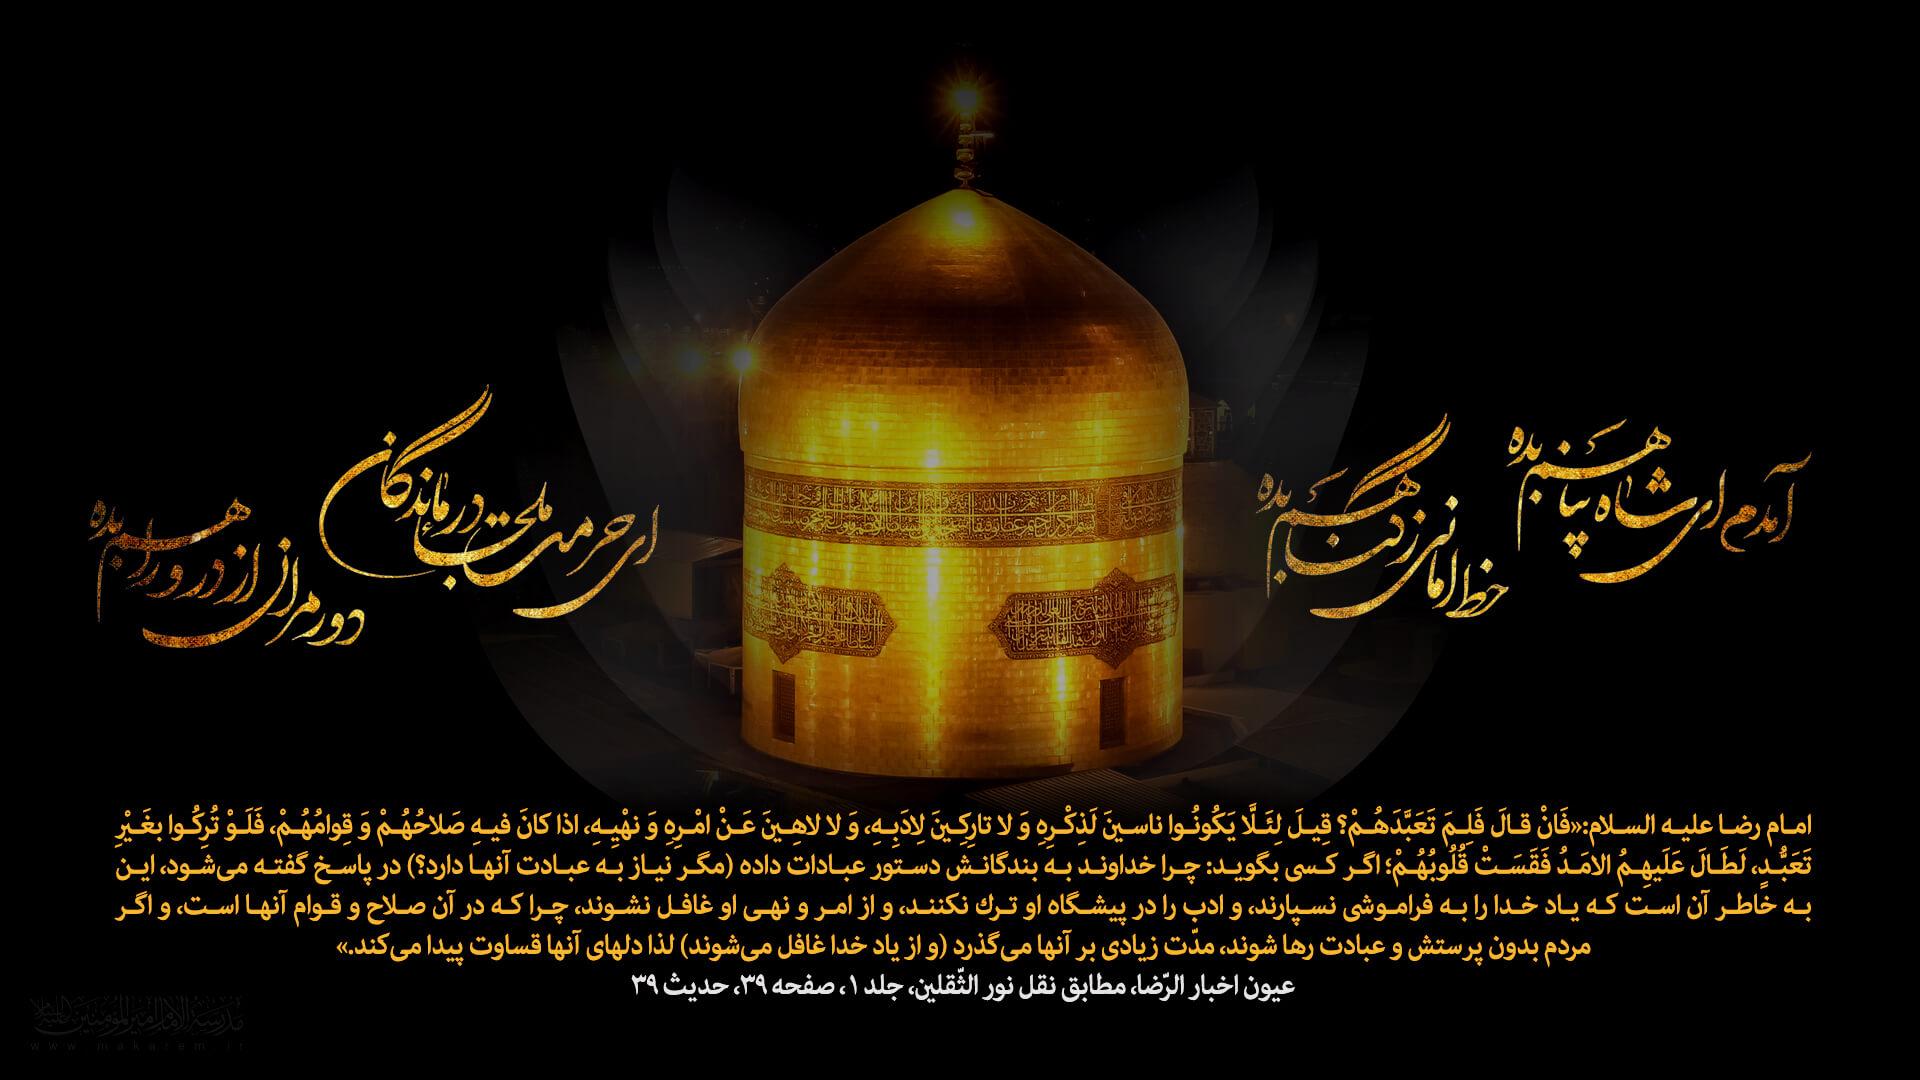 شهادت امام رضا 05-مدرسه الامام امیر المومنین (ع)